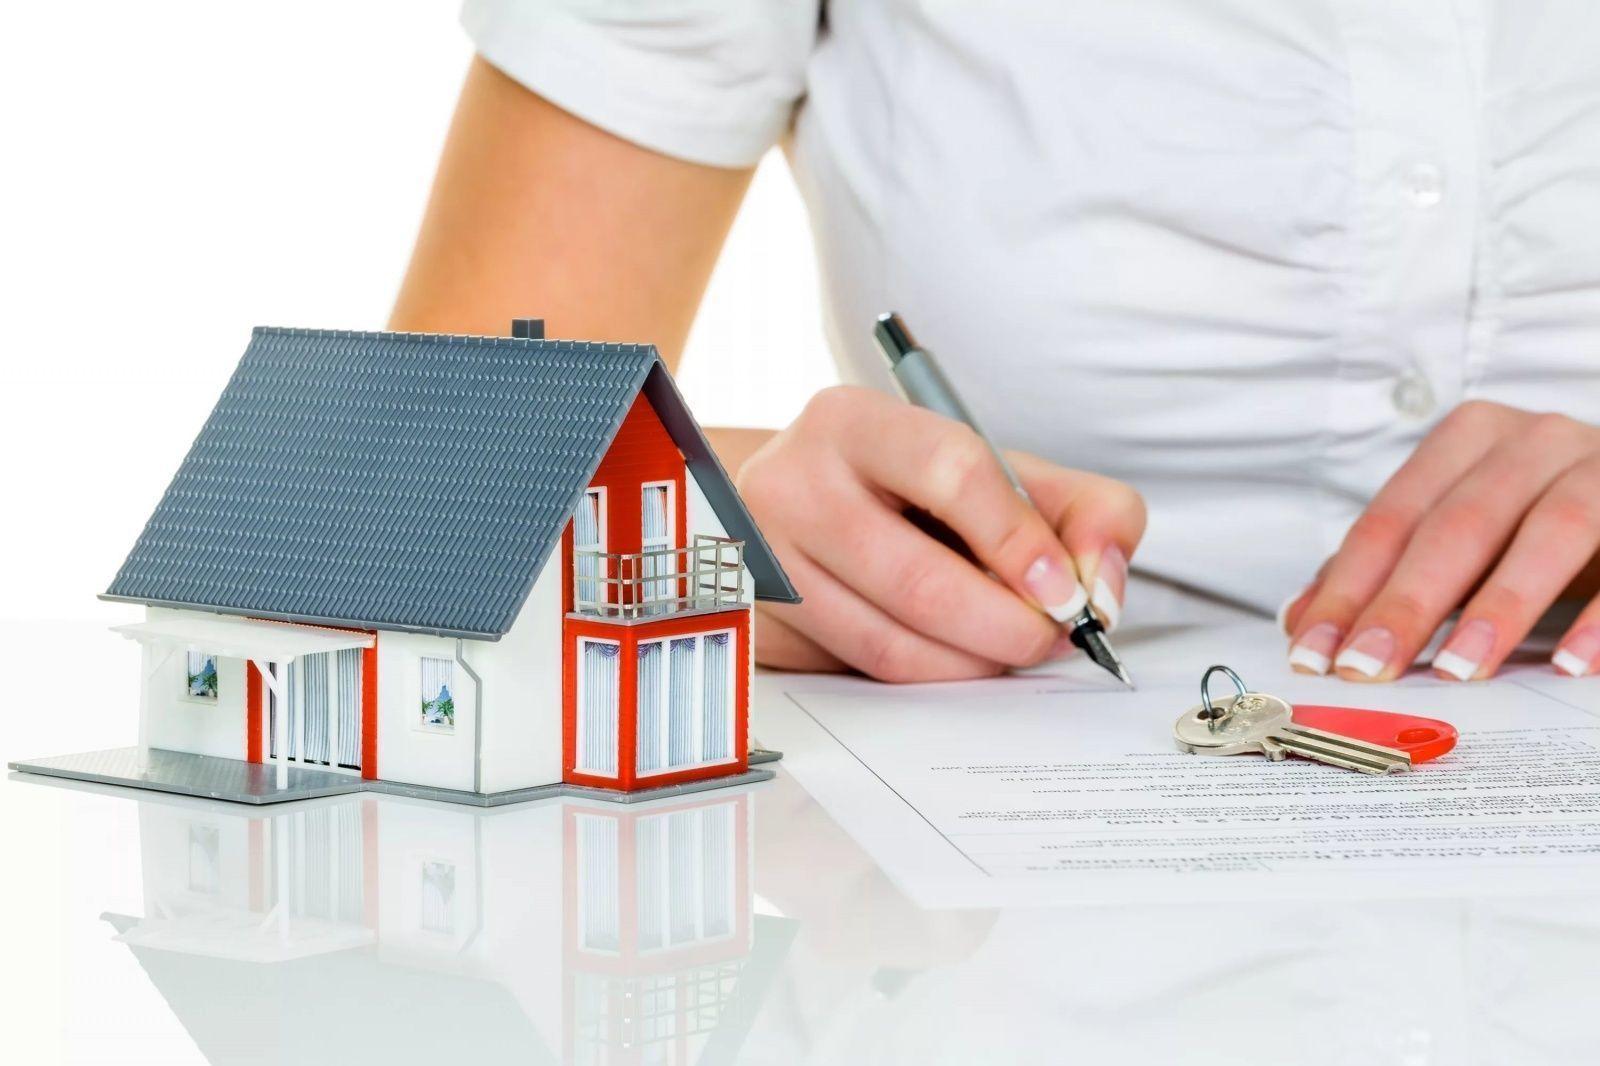 Ипотека: ставки снижены, но помощи заемщикам в трудной ситуации больше не будет